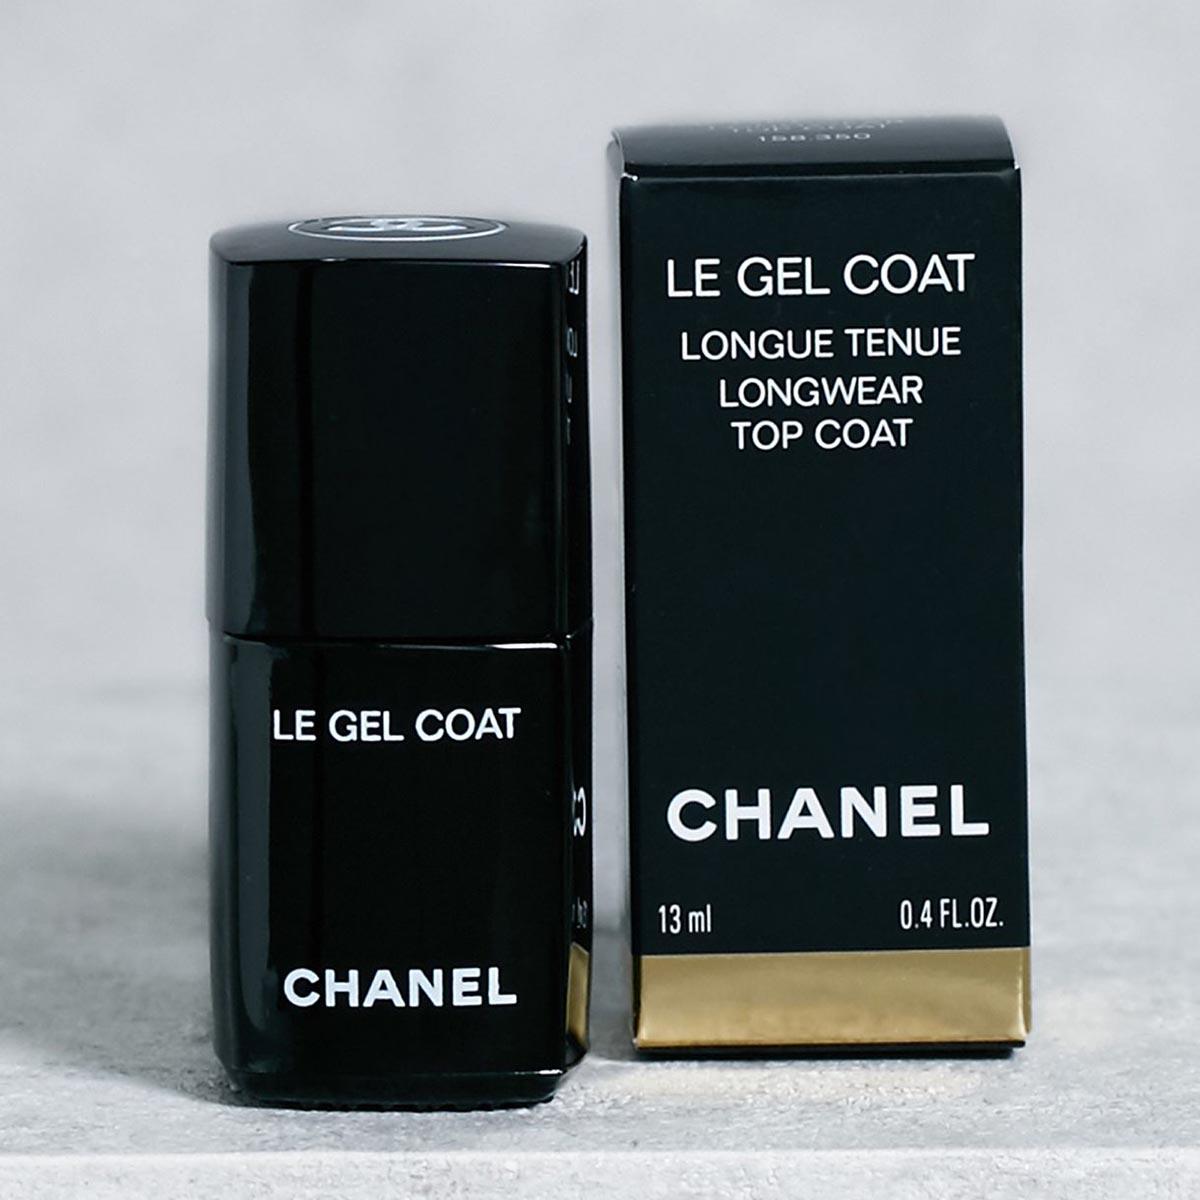 Chanel le gel coat 13ml